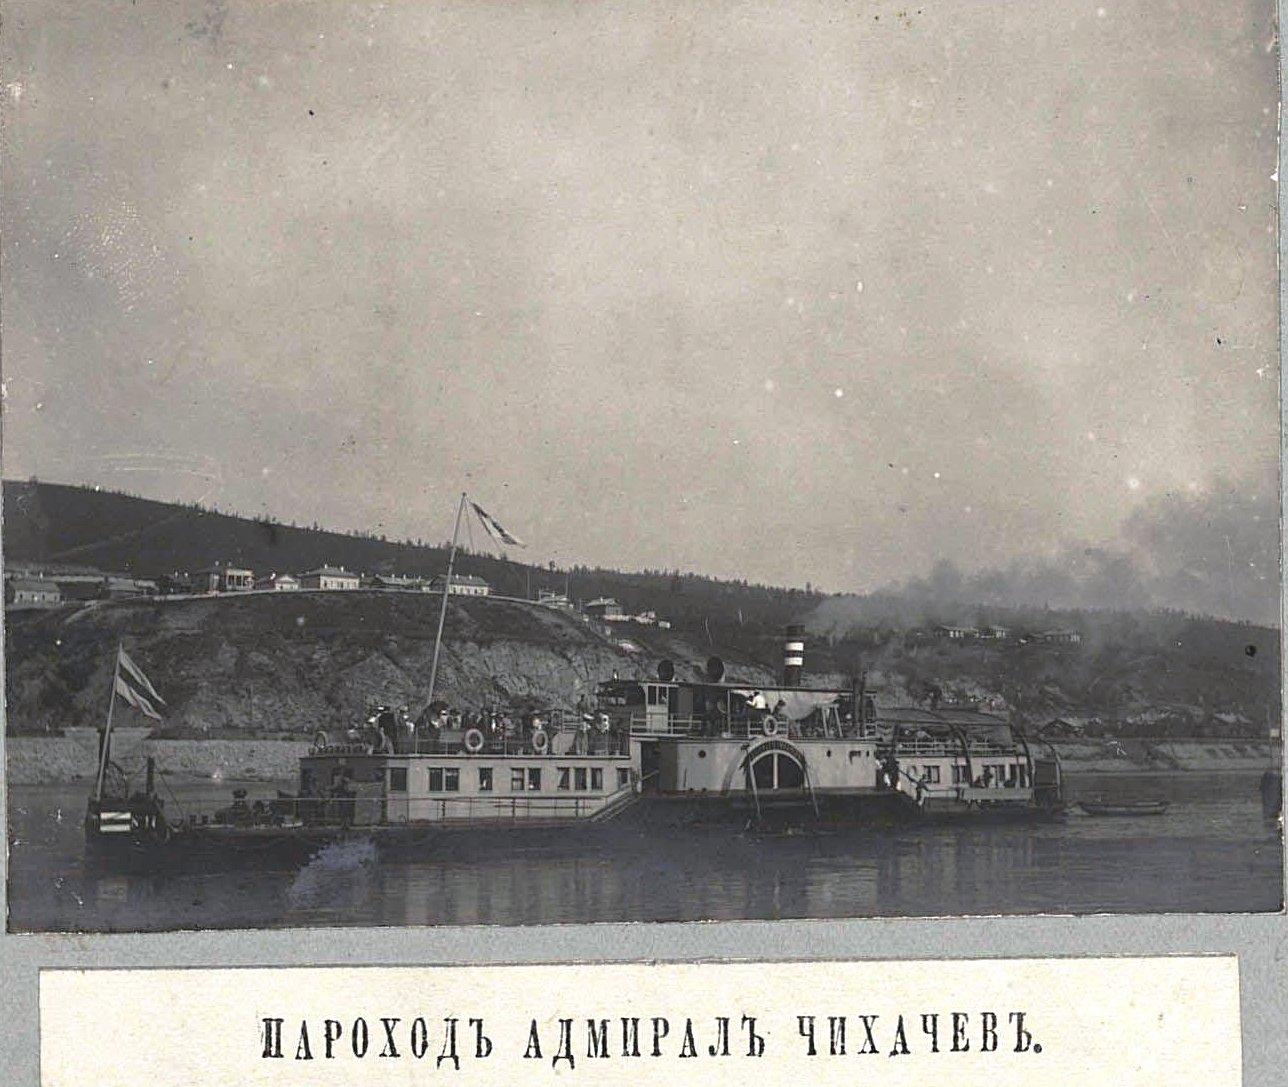 293. Пароход Адмирал Чихачёв